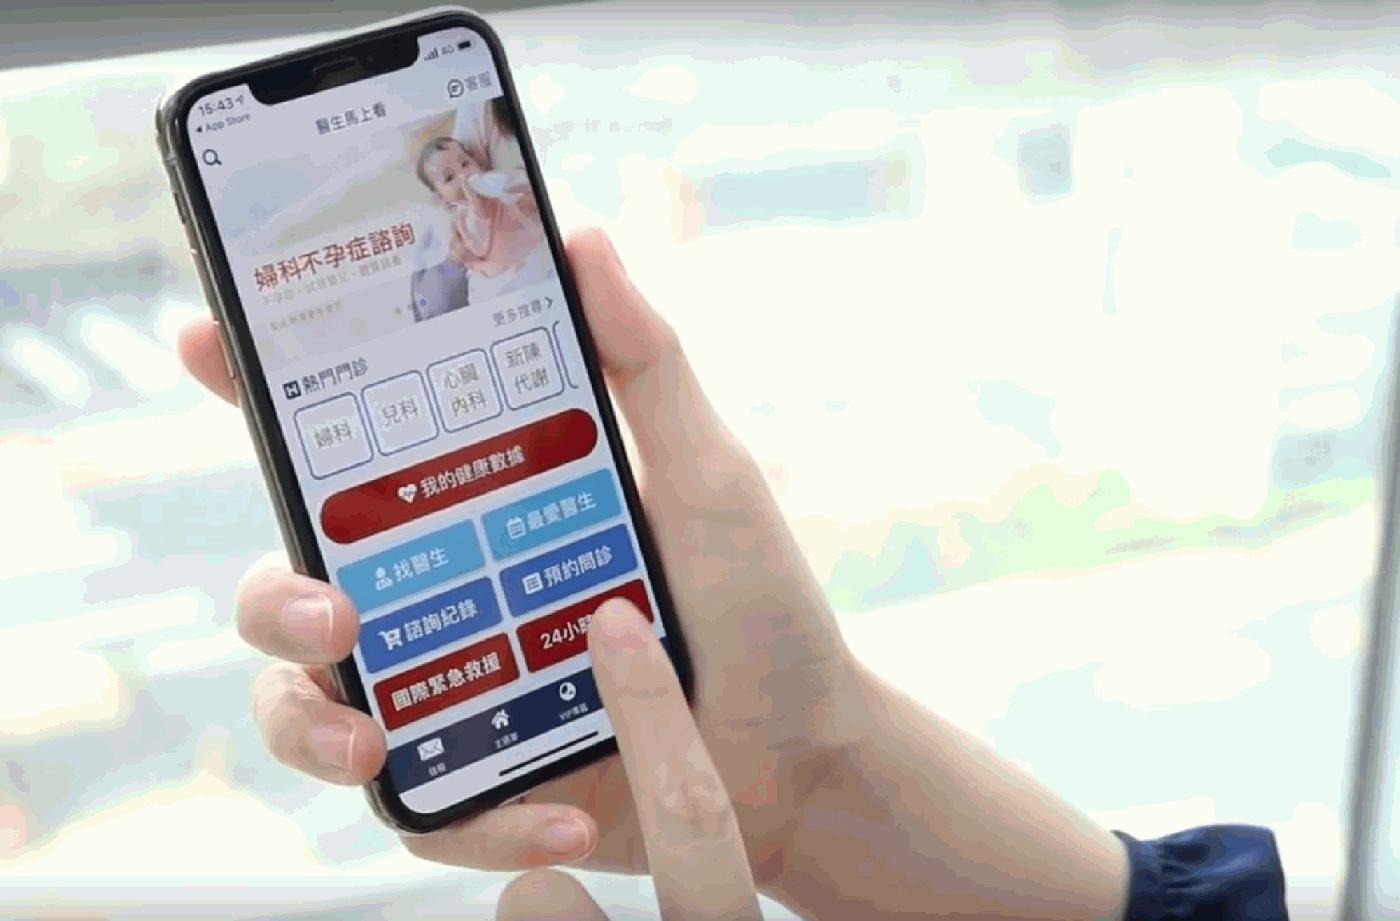 台灣遠距醫療先鋒!前矽谷創投回台打造「醫生馬上看」即時醫療平台